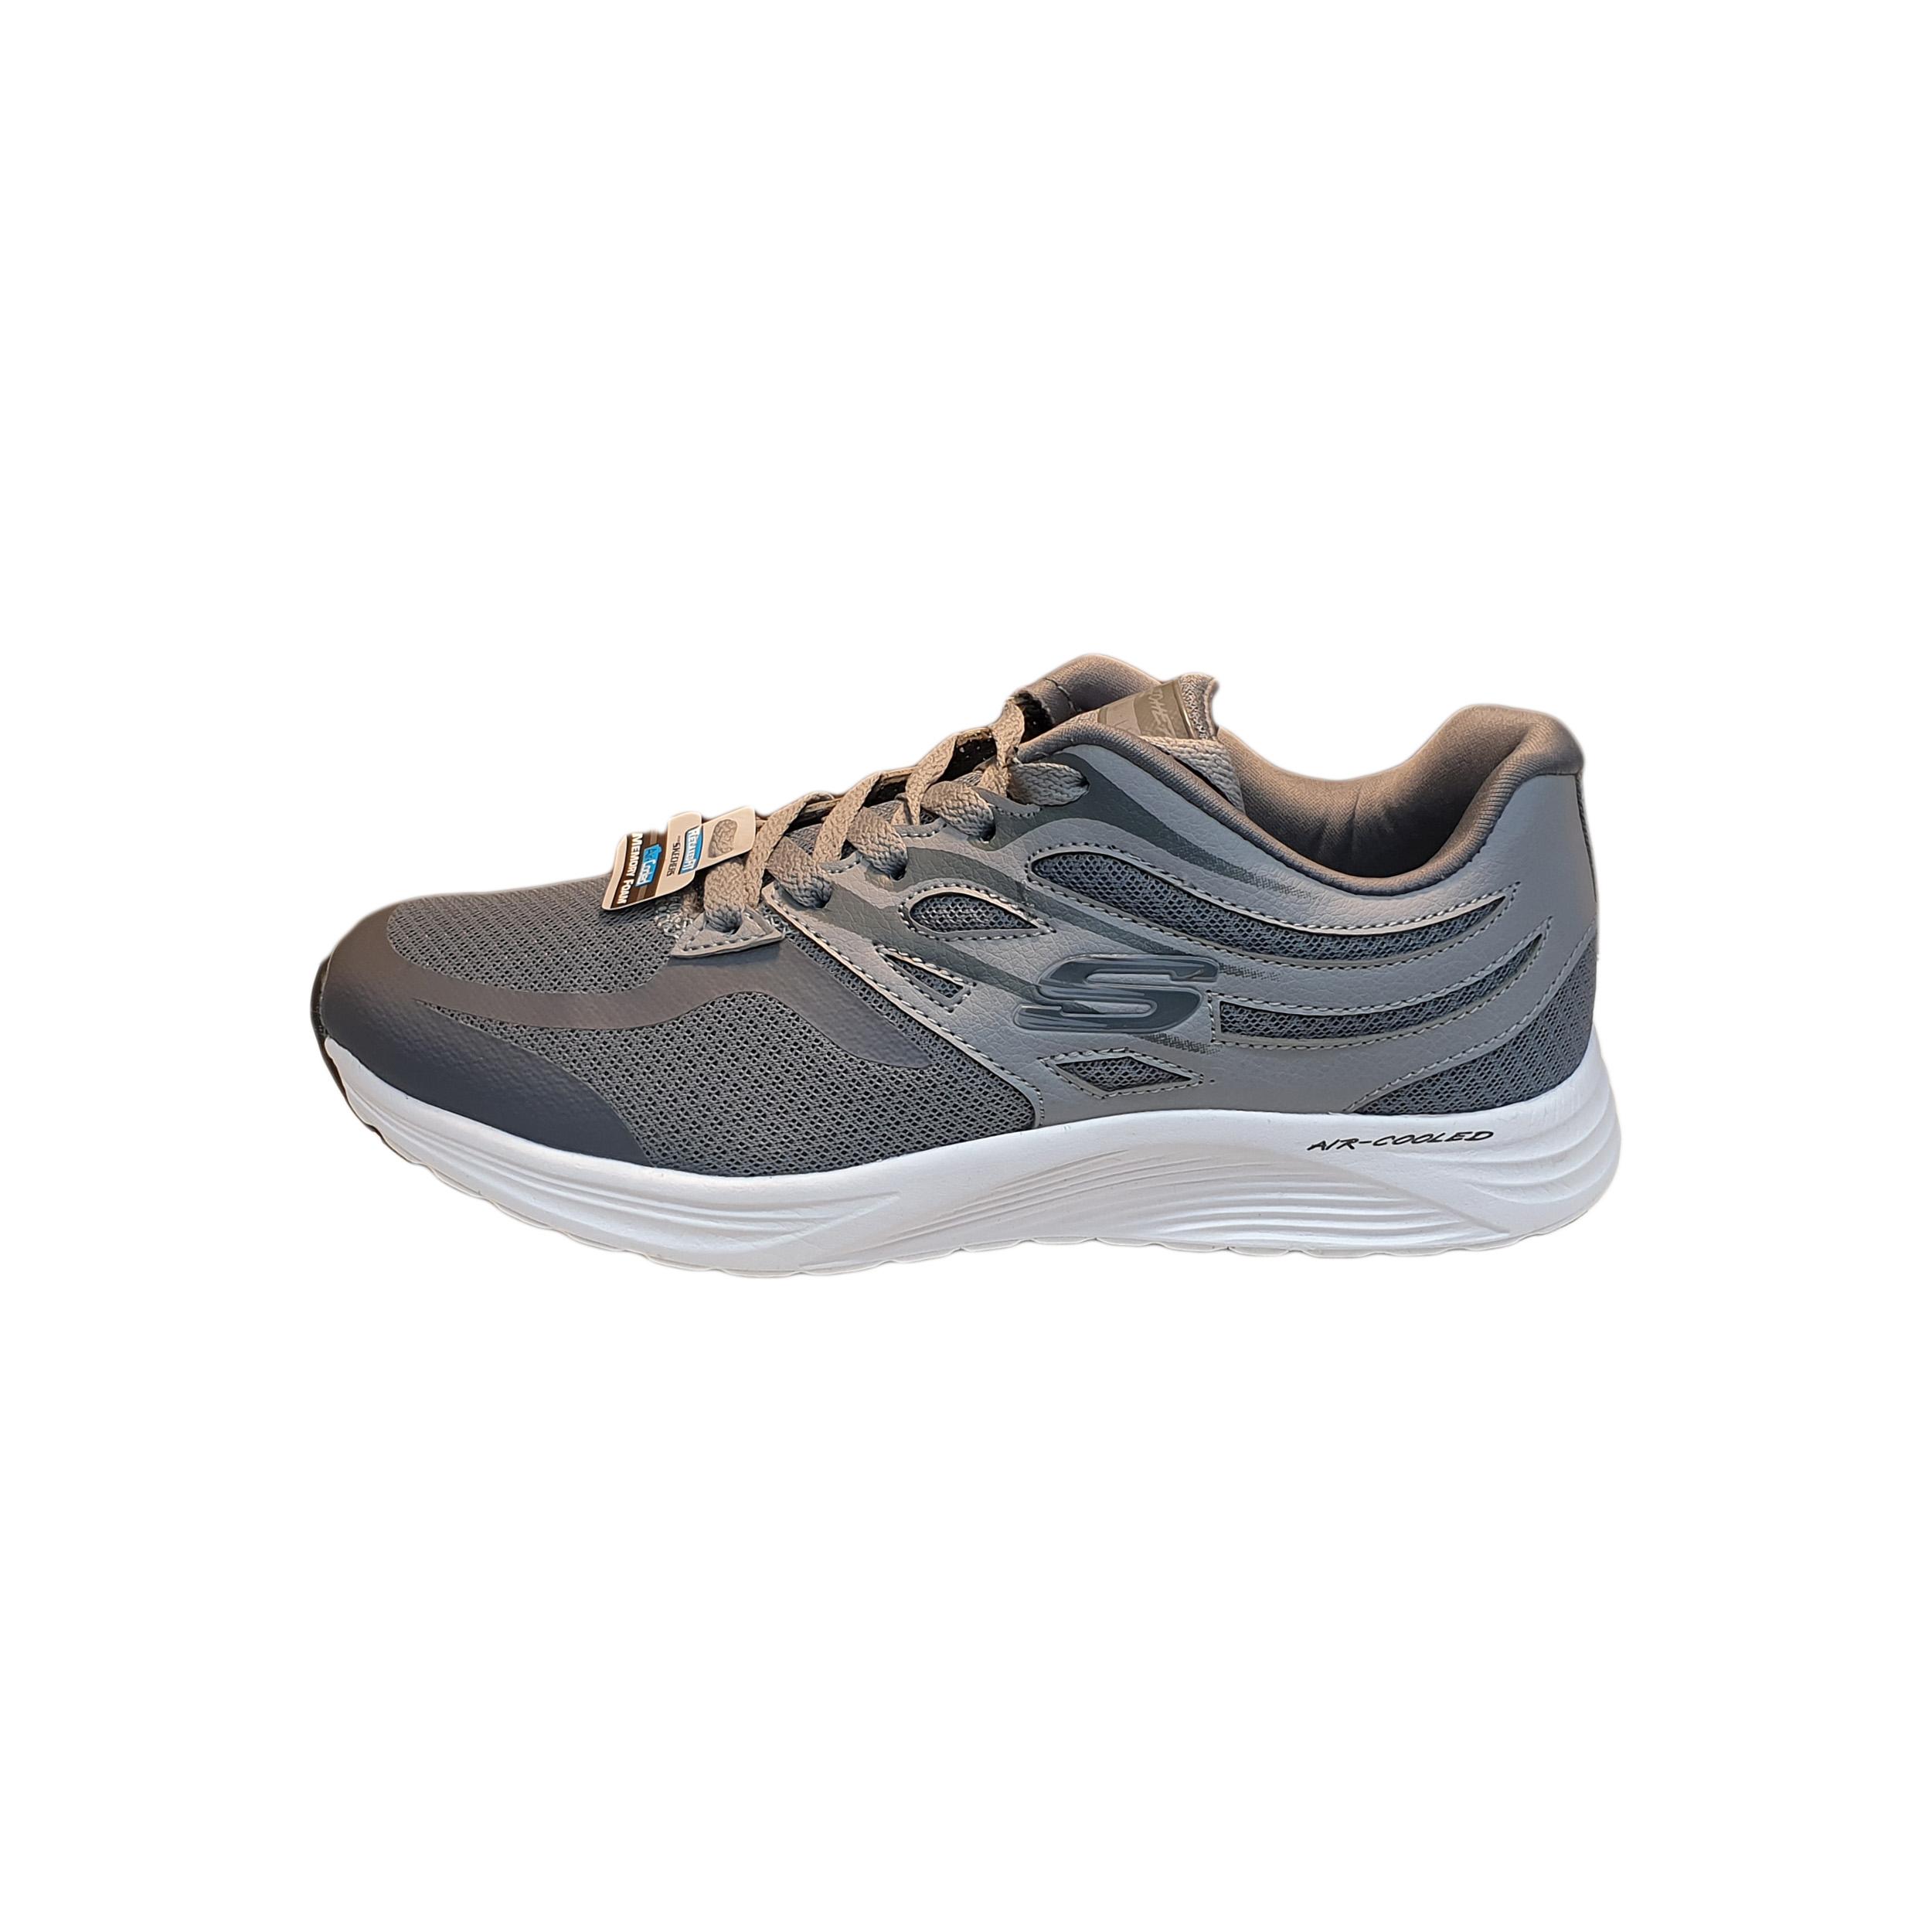 کفش پیاده روی مردانه اسکچرز مدل Dual lht